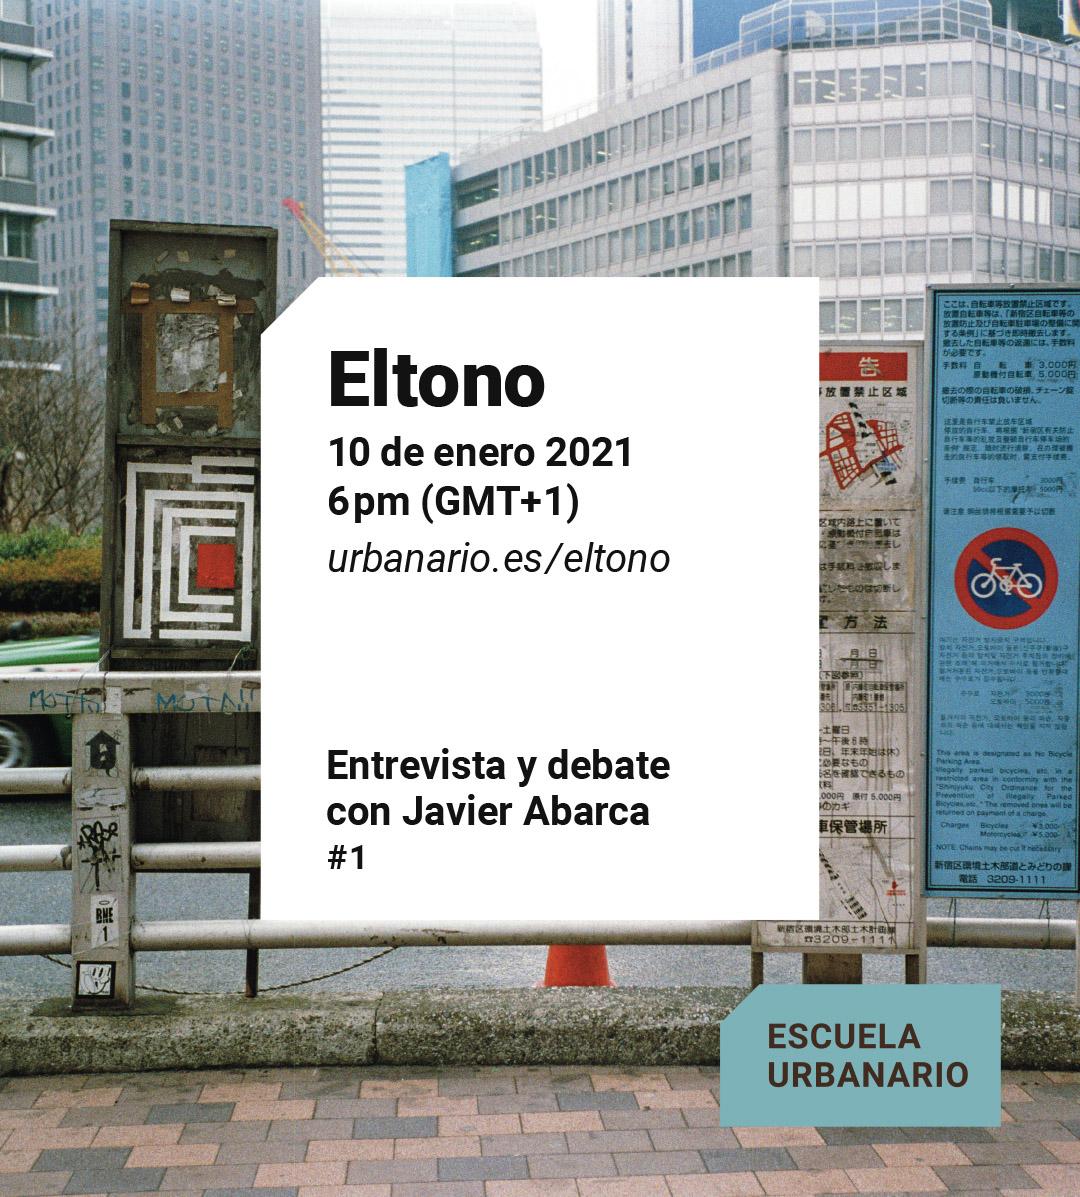 Eltono